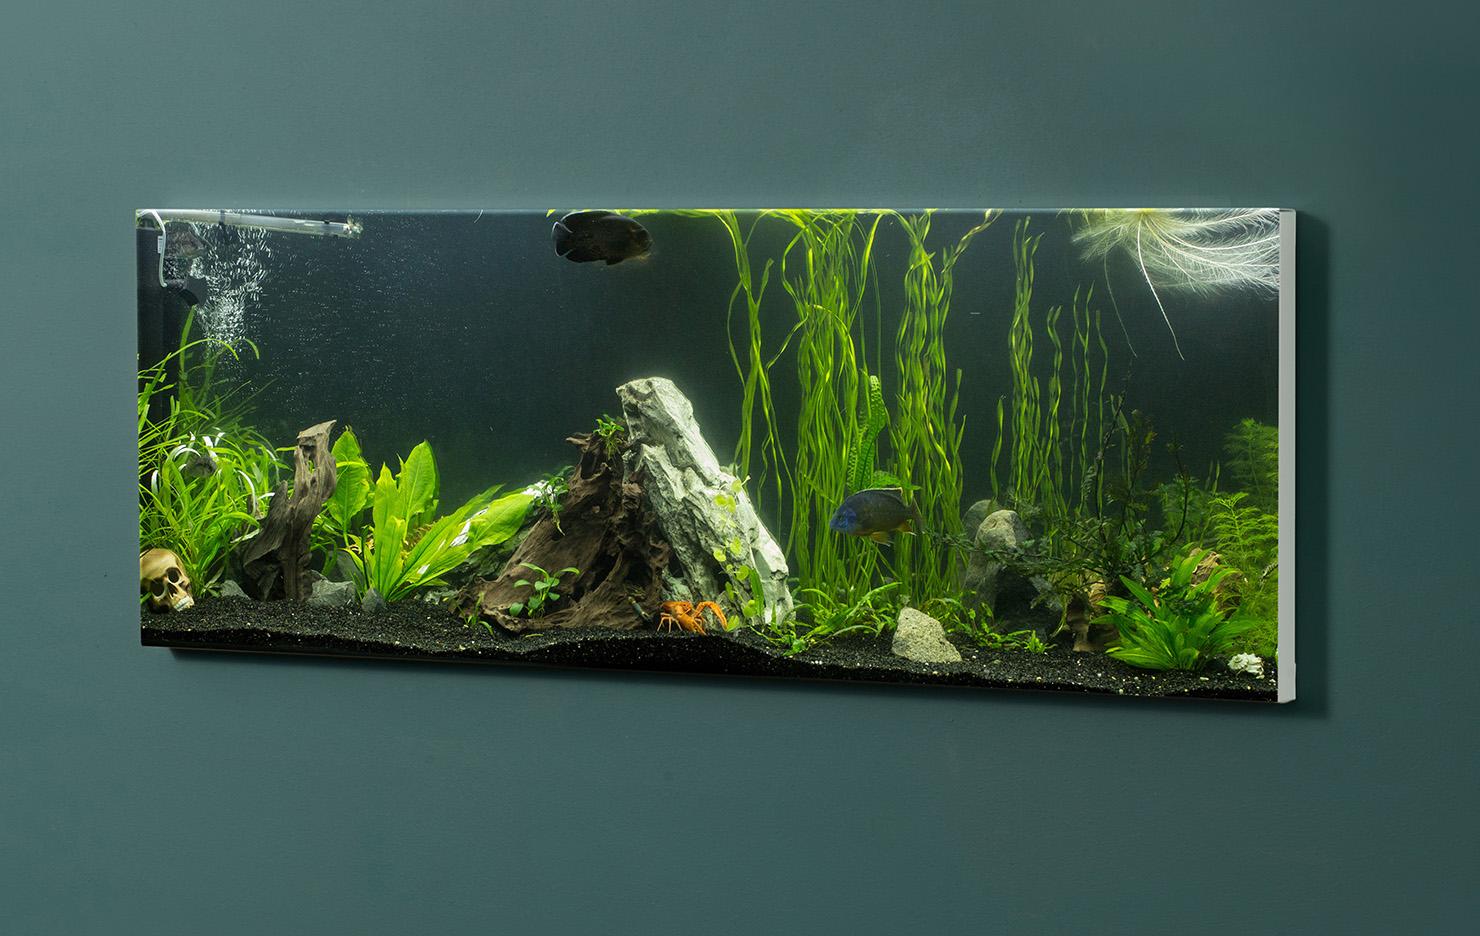 Magnettafel NOTIZ 90x30cm Motiv-Pinnwand M140 Aquarium